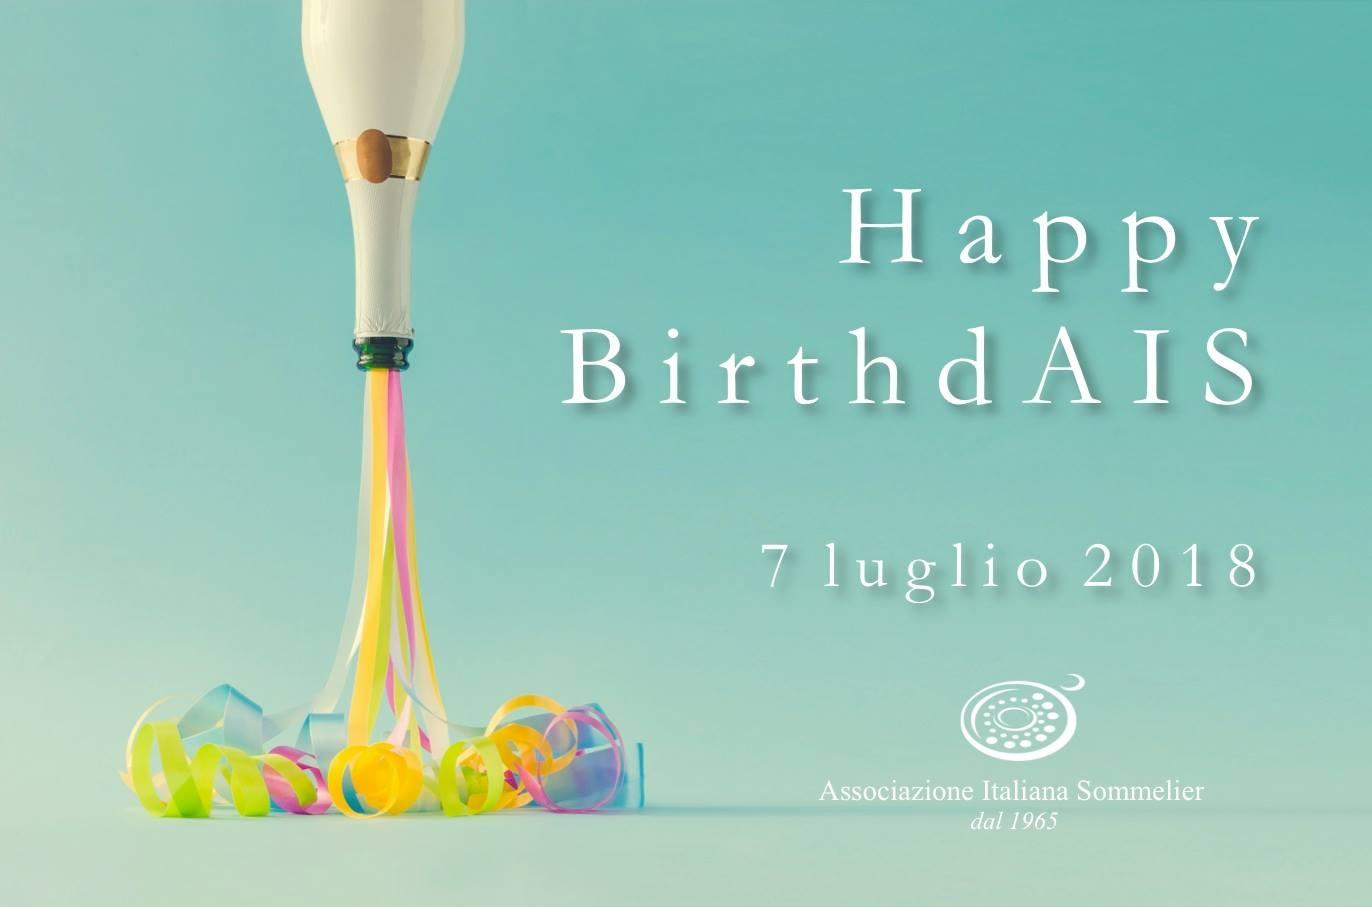 Sono 53 gli anni di Ais, l'Associazione Italiana Sommelier